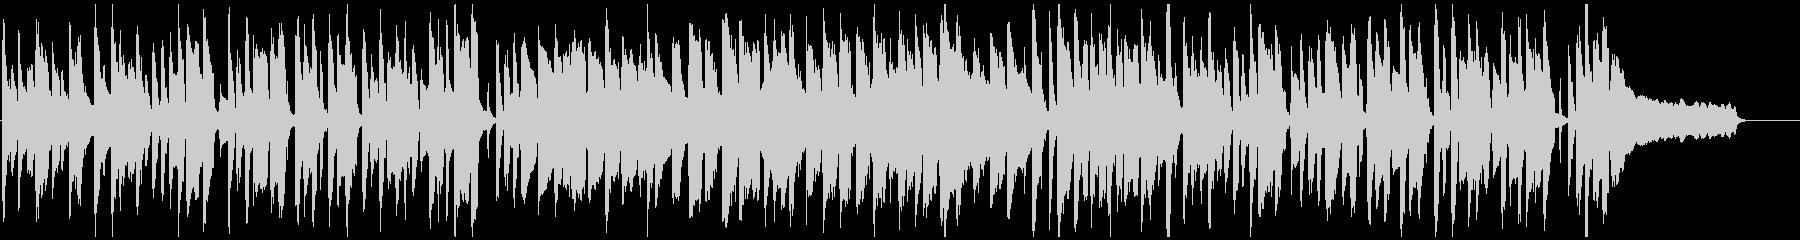 シンプル、素朴、ほのぼの脱力系リコーダーの未再生の波形